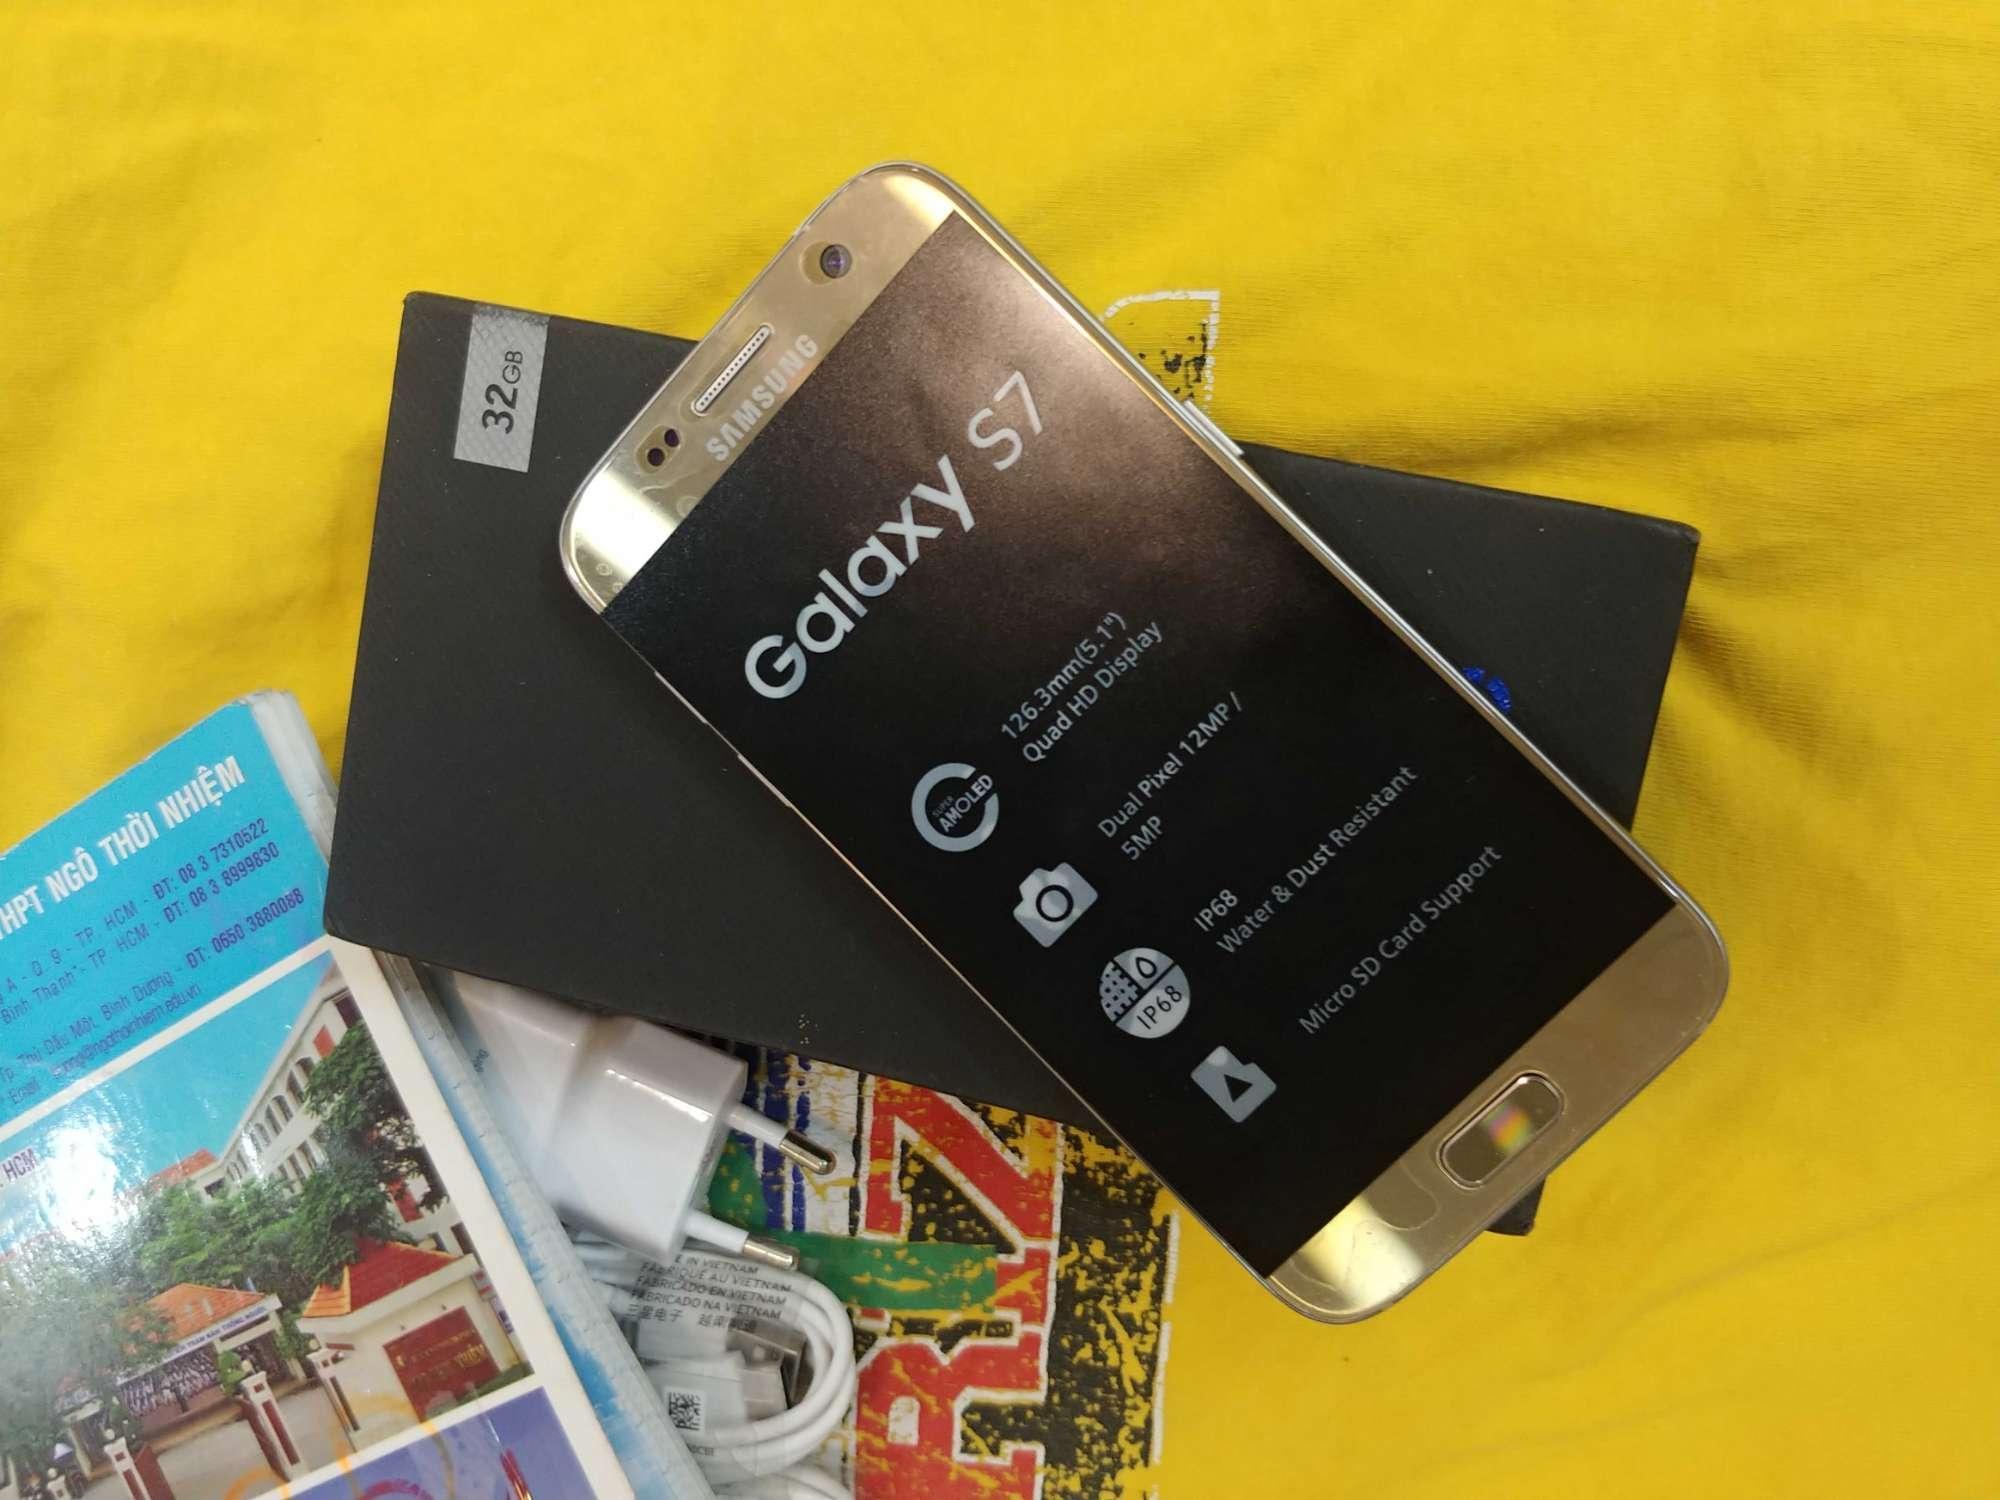 Samsung Galaxy S7 32Gb Mới Đủ Màu Khuyến Mại Hot